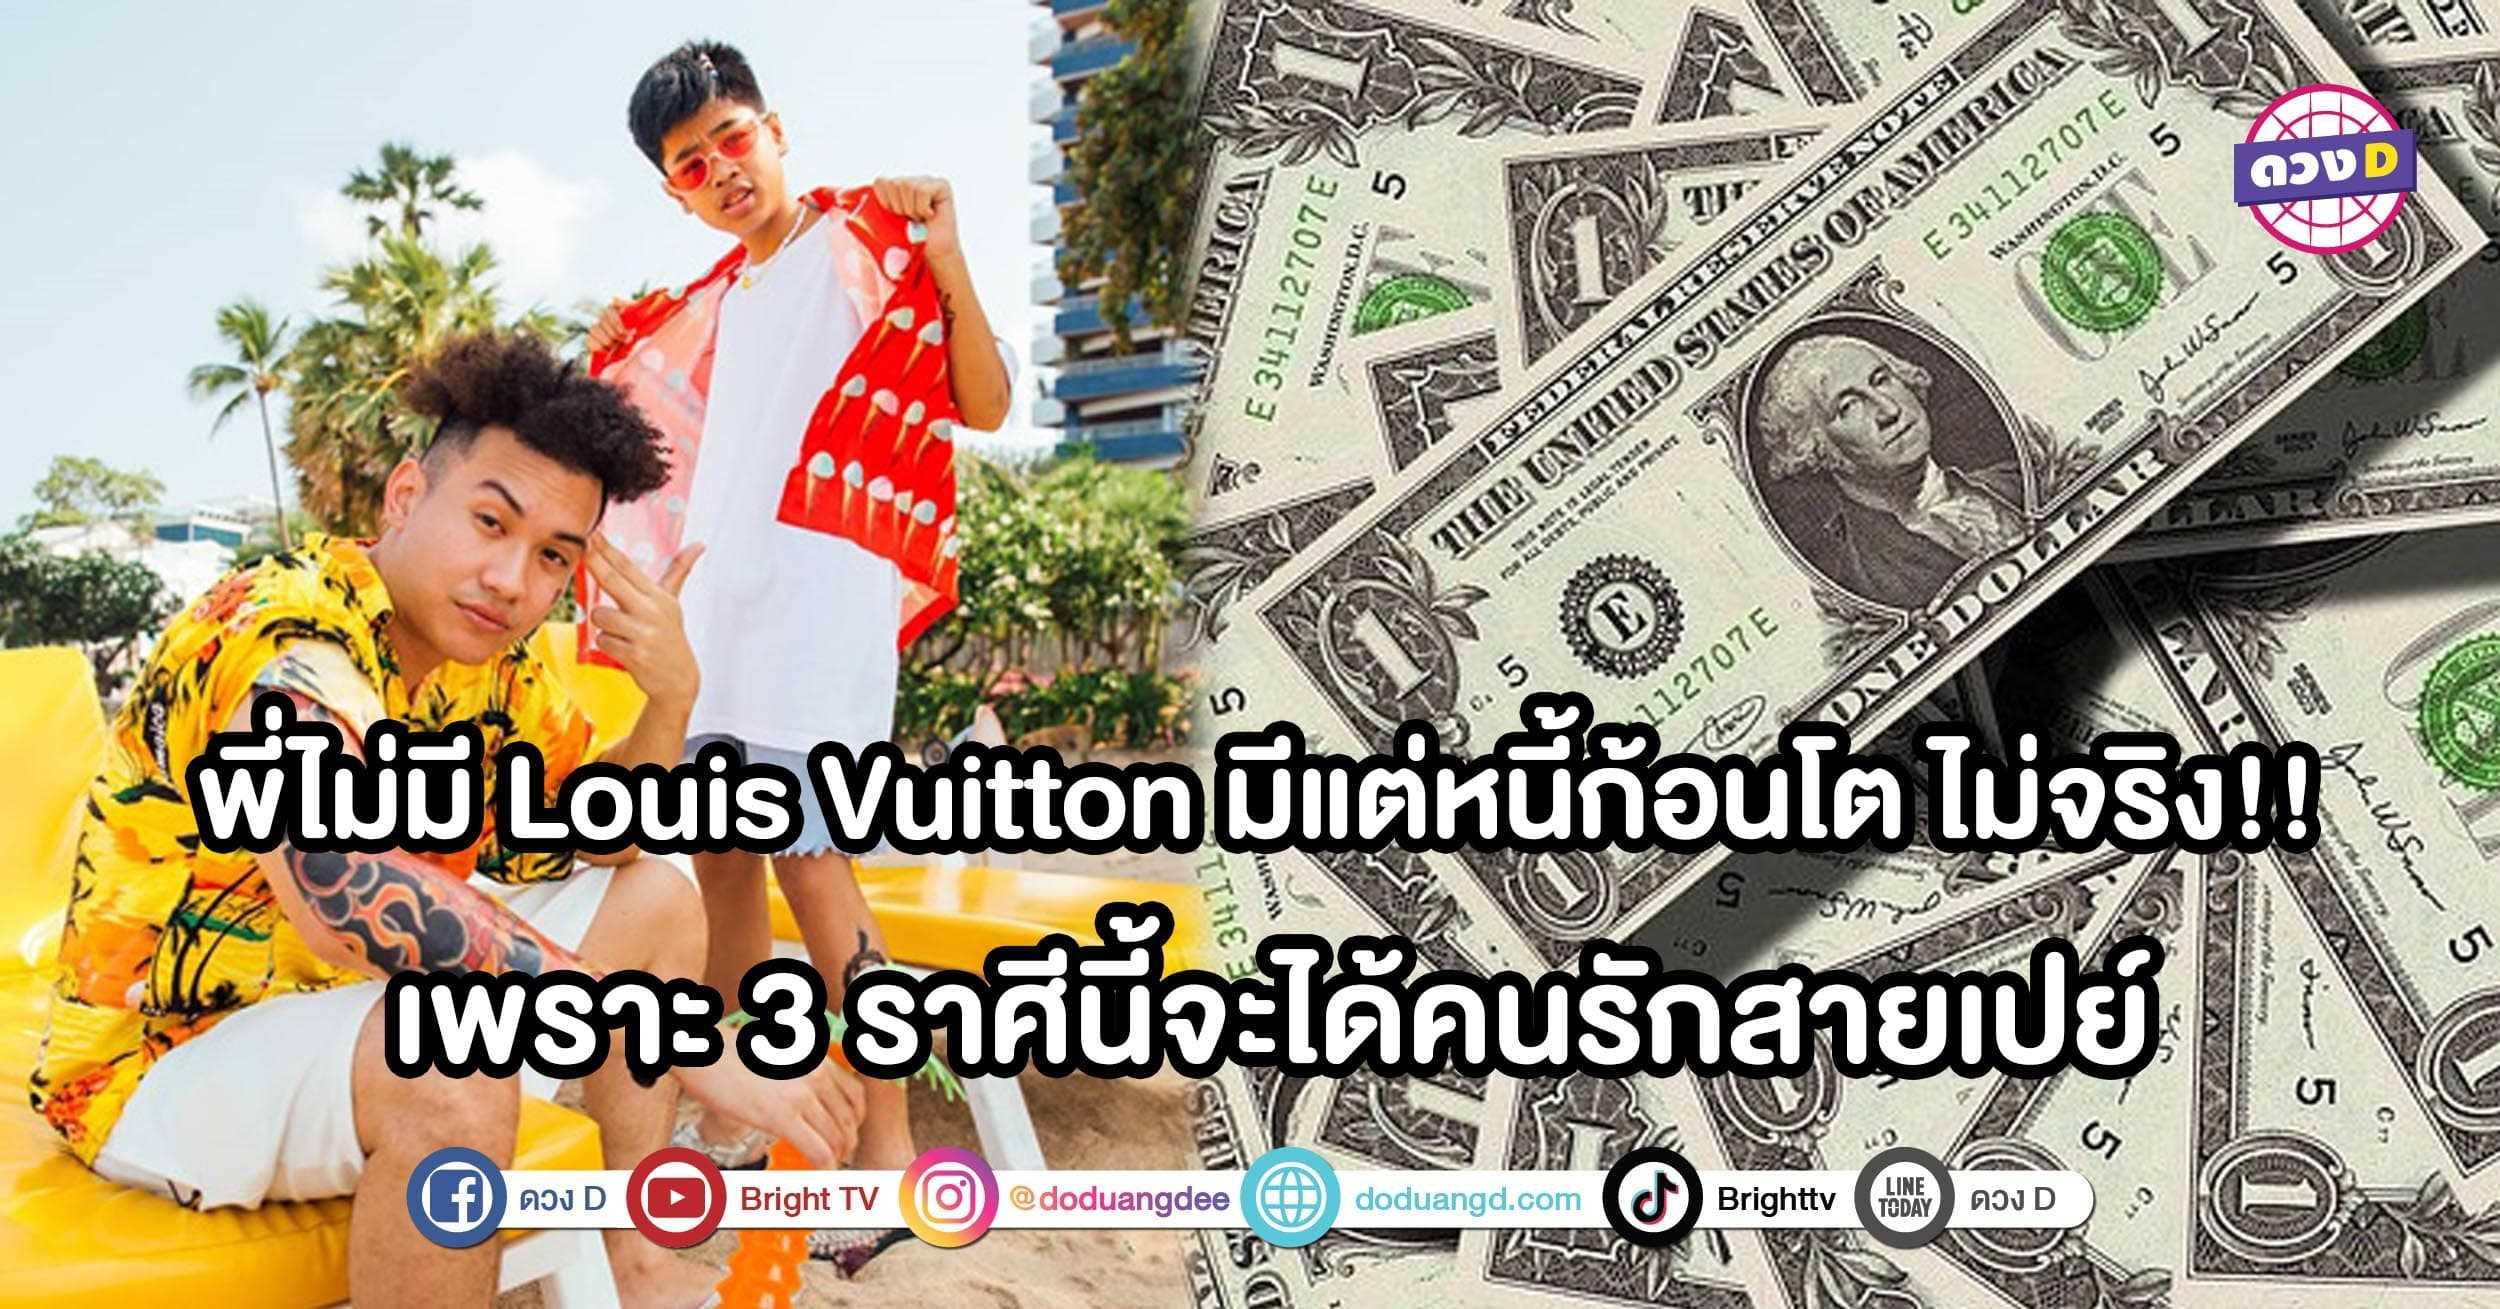 พี่ไม่มี Louis Vuitton มีแต่หนี้ก้อนโต ไม่จริง!! เพราะ 3 ราศีนี้ได้คนรักสายเปย์